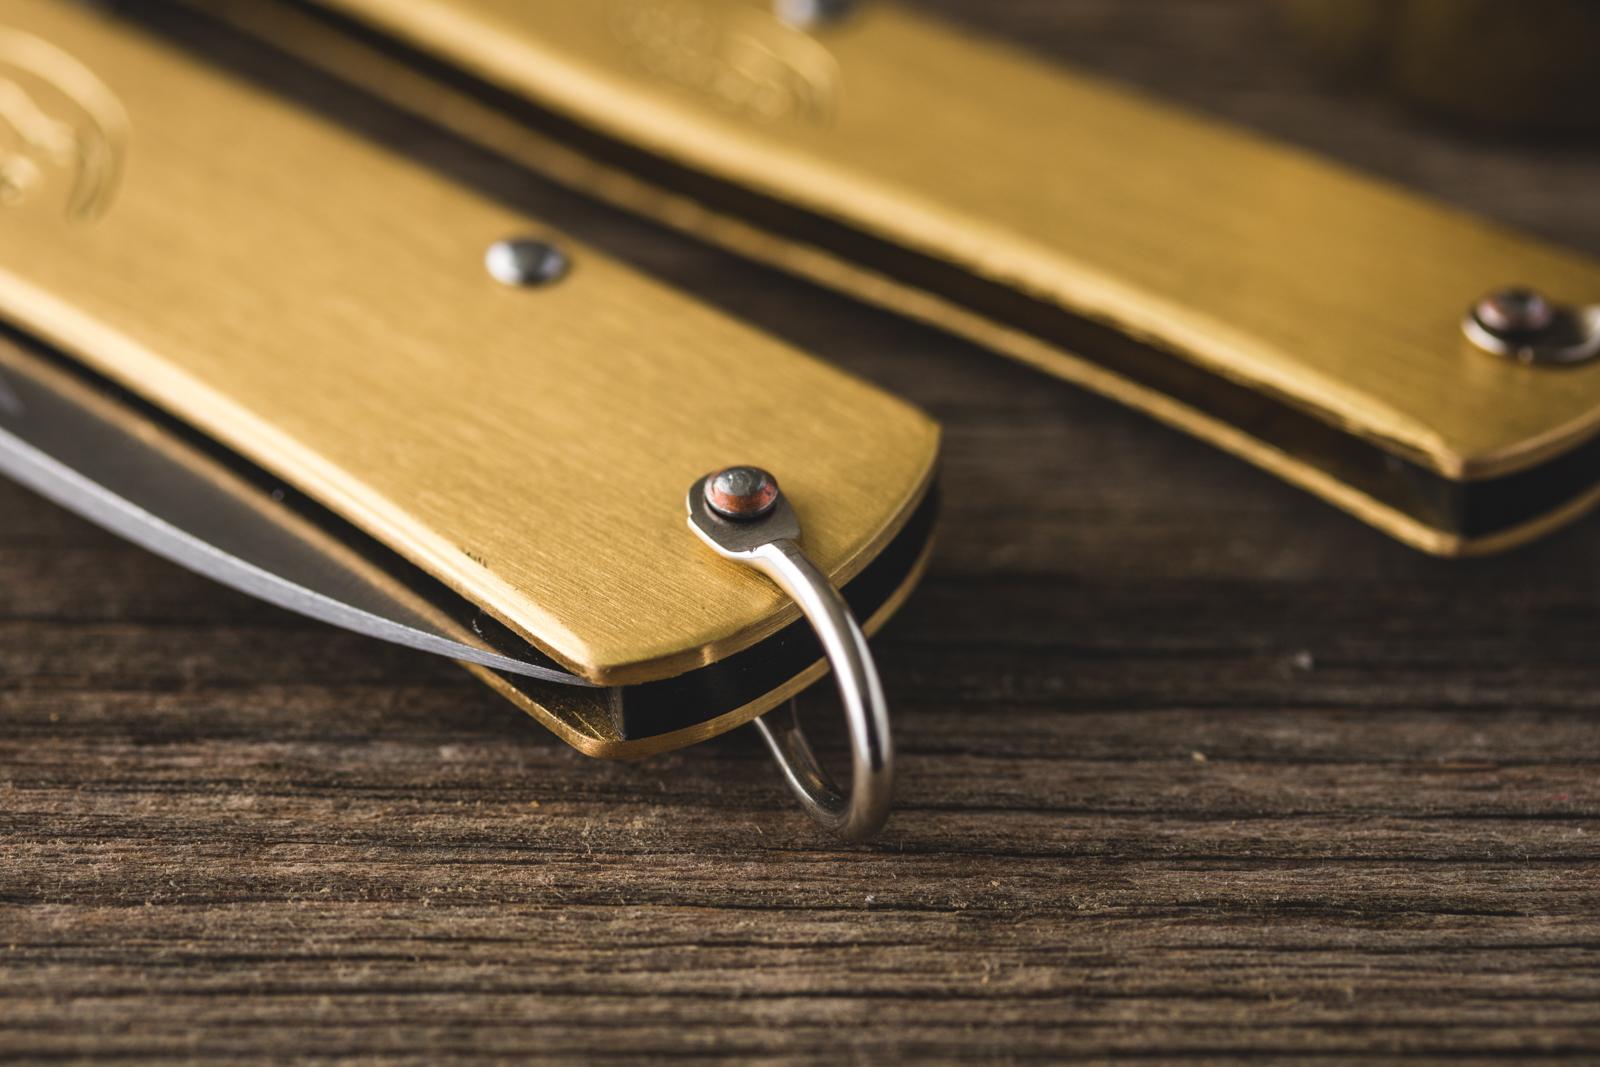 Otter Messer - Brass Mercator Knife